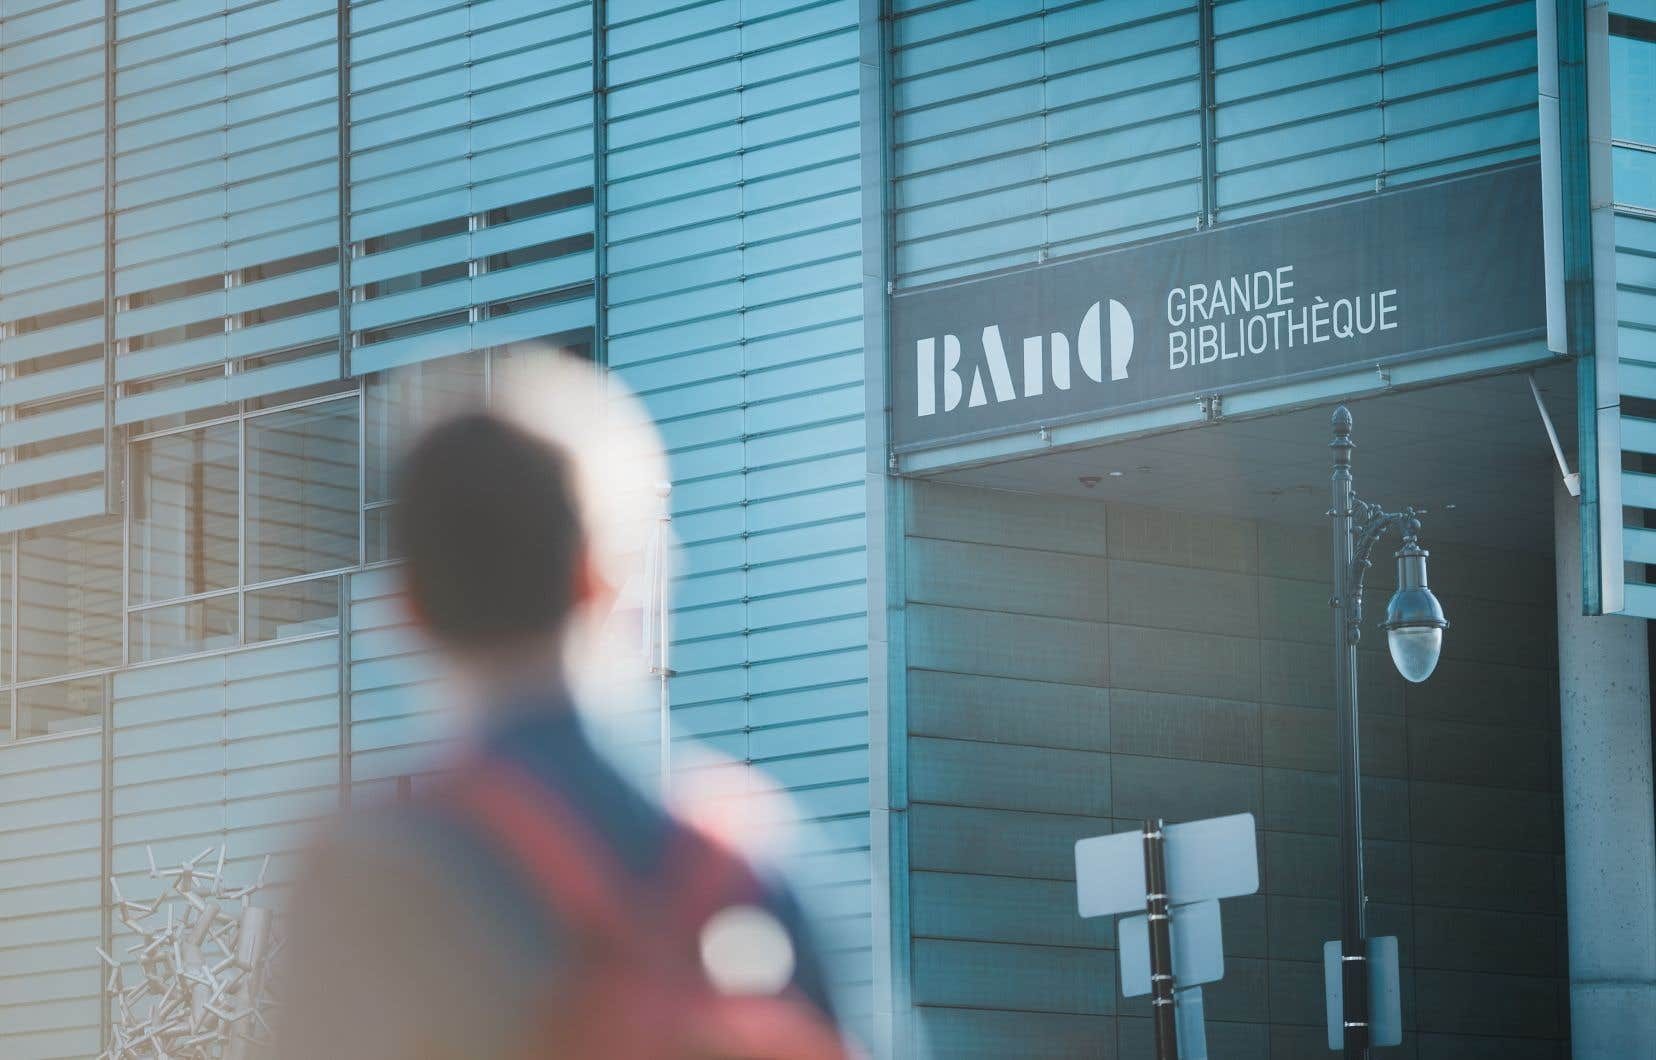 «Les prochaines étapes du développement de BAnQ requièrent des connaissances scientifiques et professionnelles de très haut calibre», écrit l'auteur.